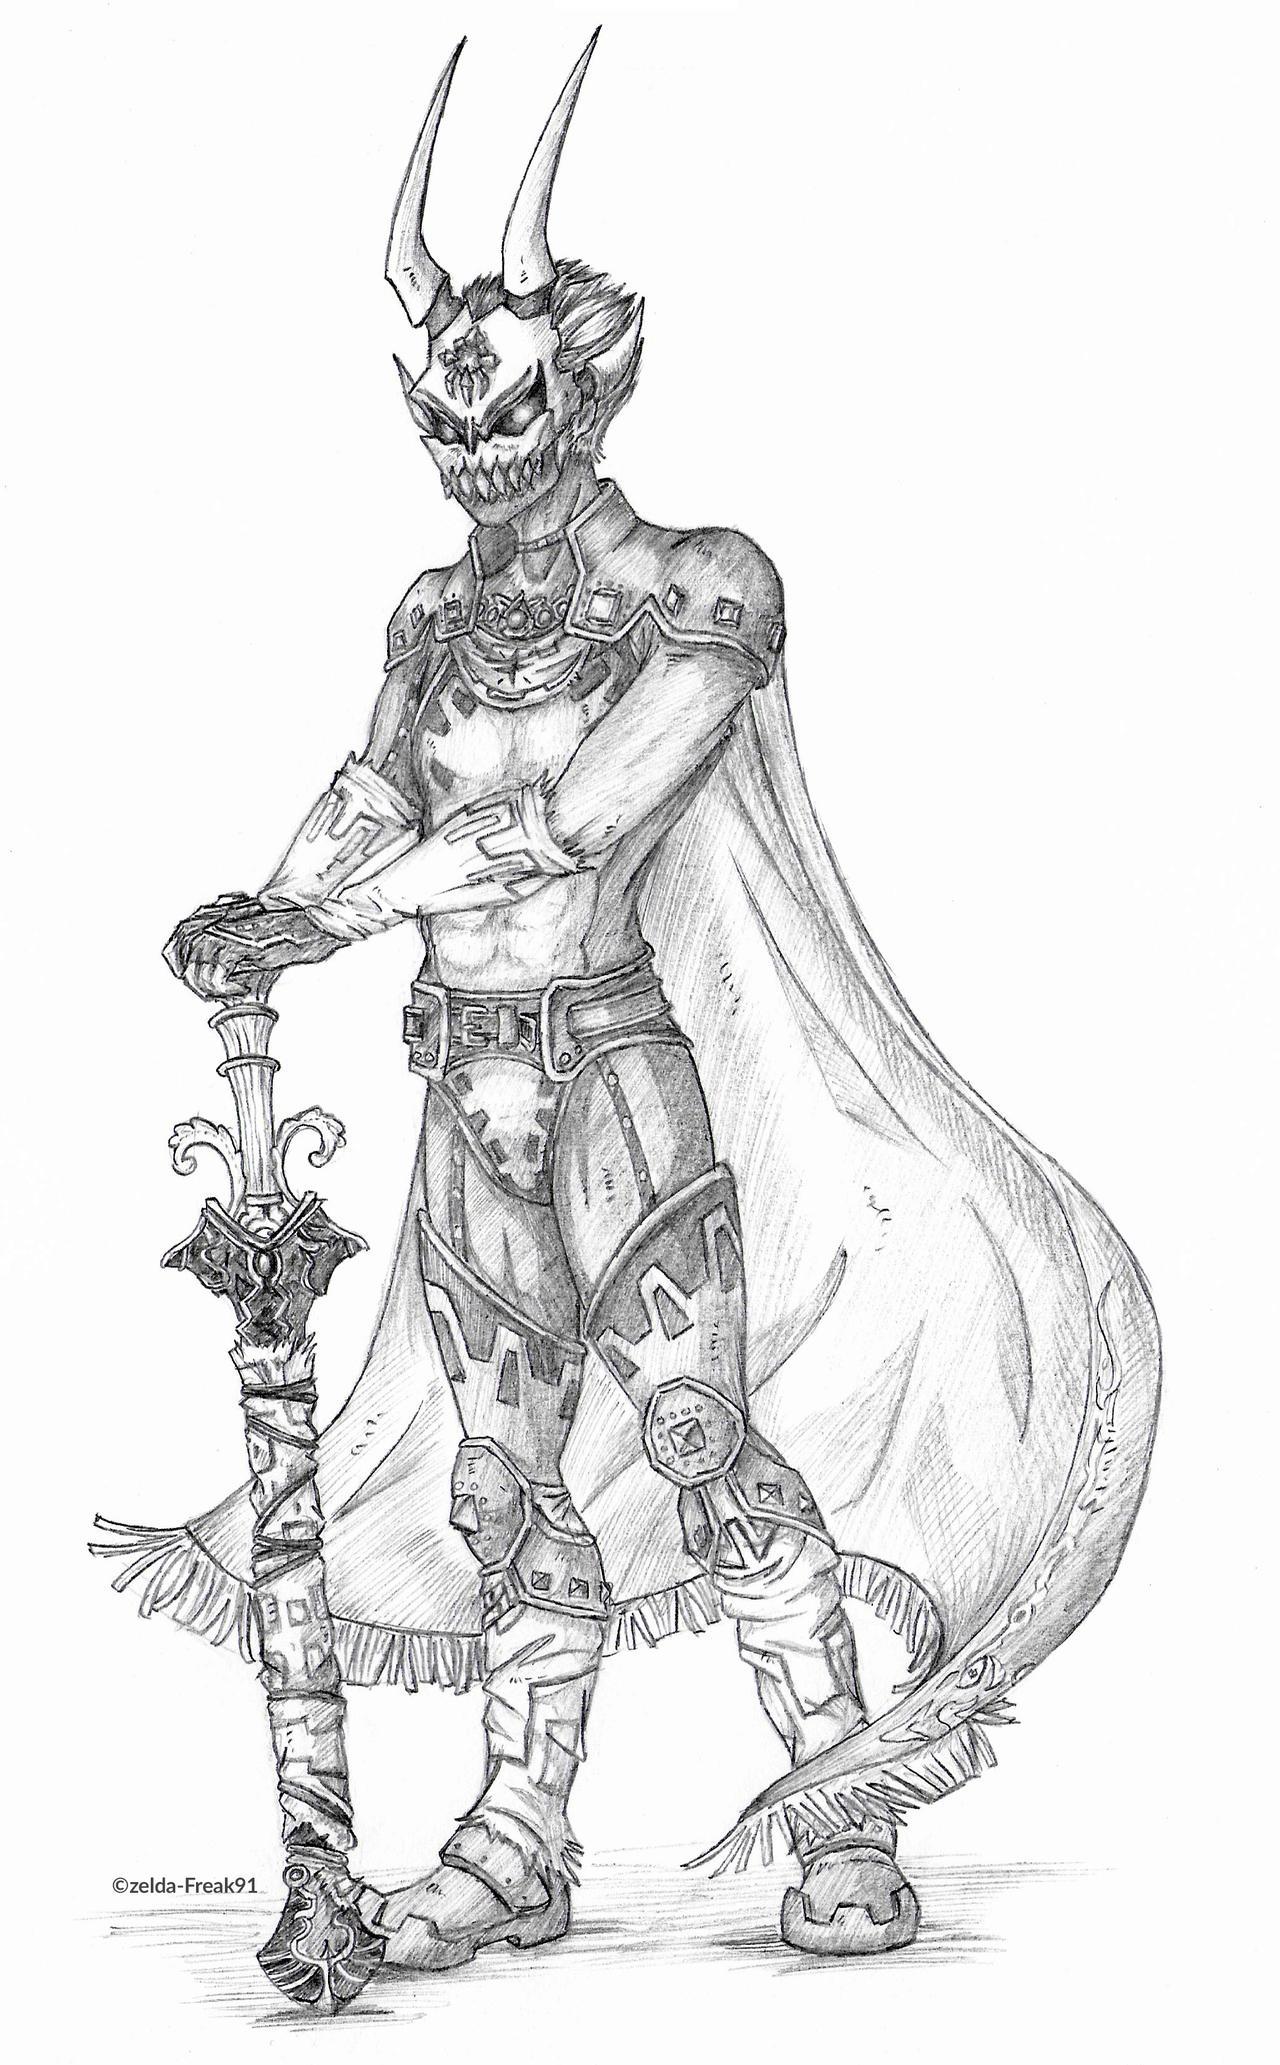 Phantom Ganon Armor By Zelda Freak91 On Deviantart